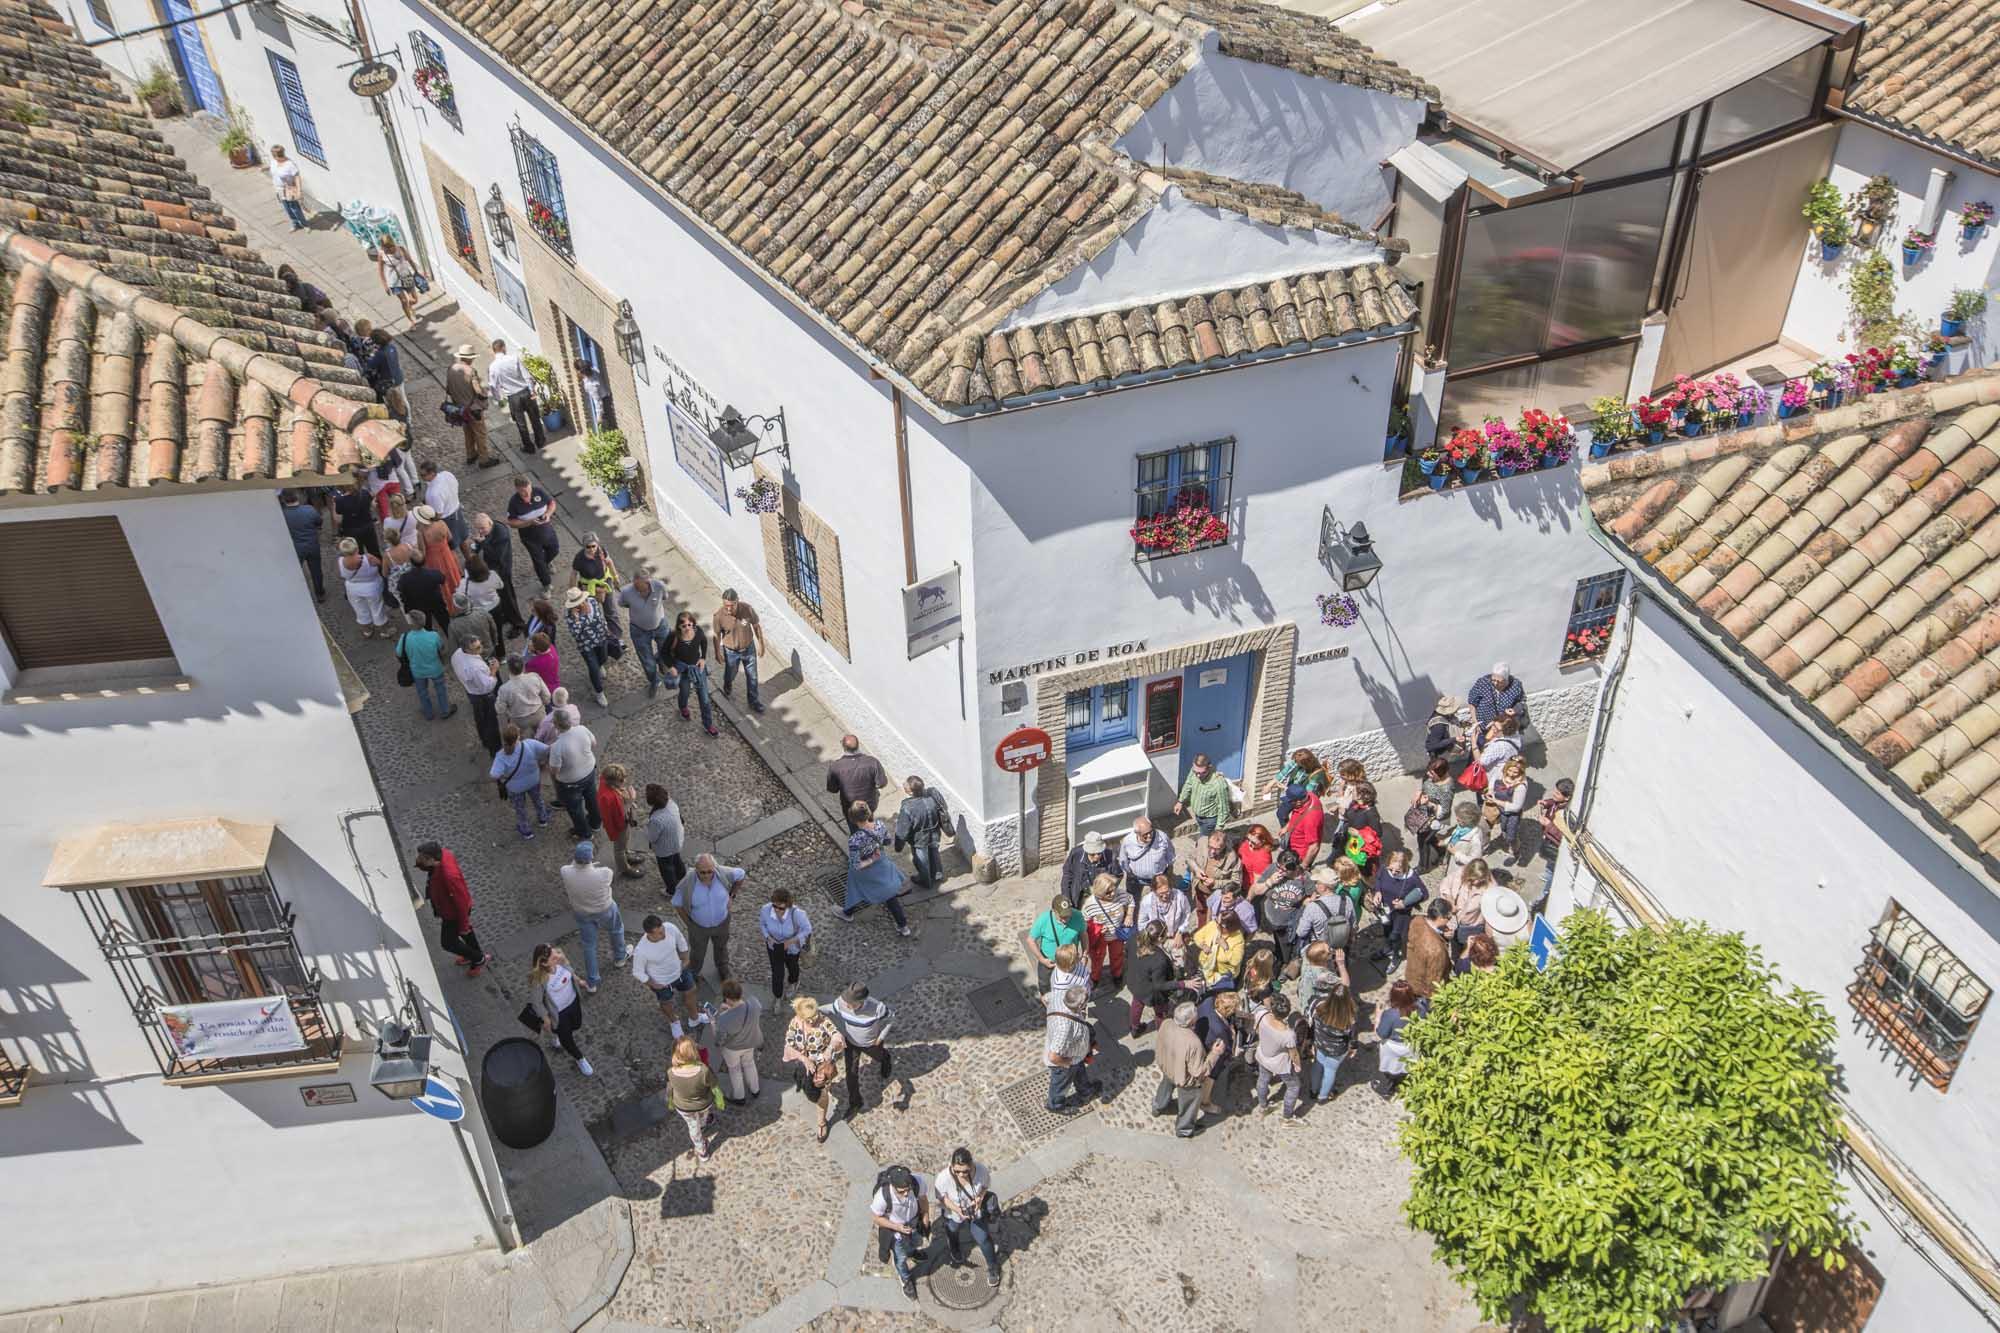 Spanien, Andalusien, Cordoba, San Basilio Viertel. In einem der schönsten Viertel Cordobas öffnen 8 Patios während der Fiesta ihre Pforten. Vor den Hauseingängen bilden sich lange Besucherschlangen.